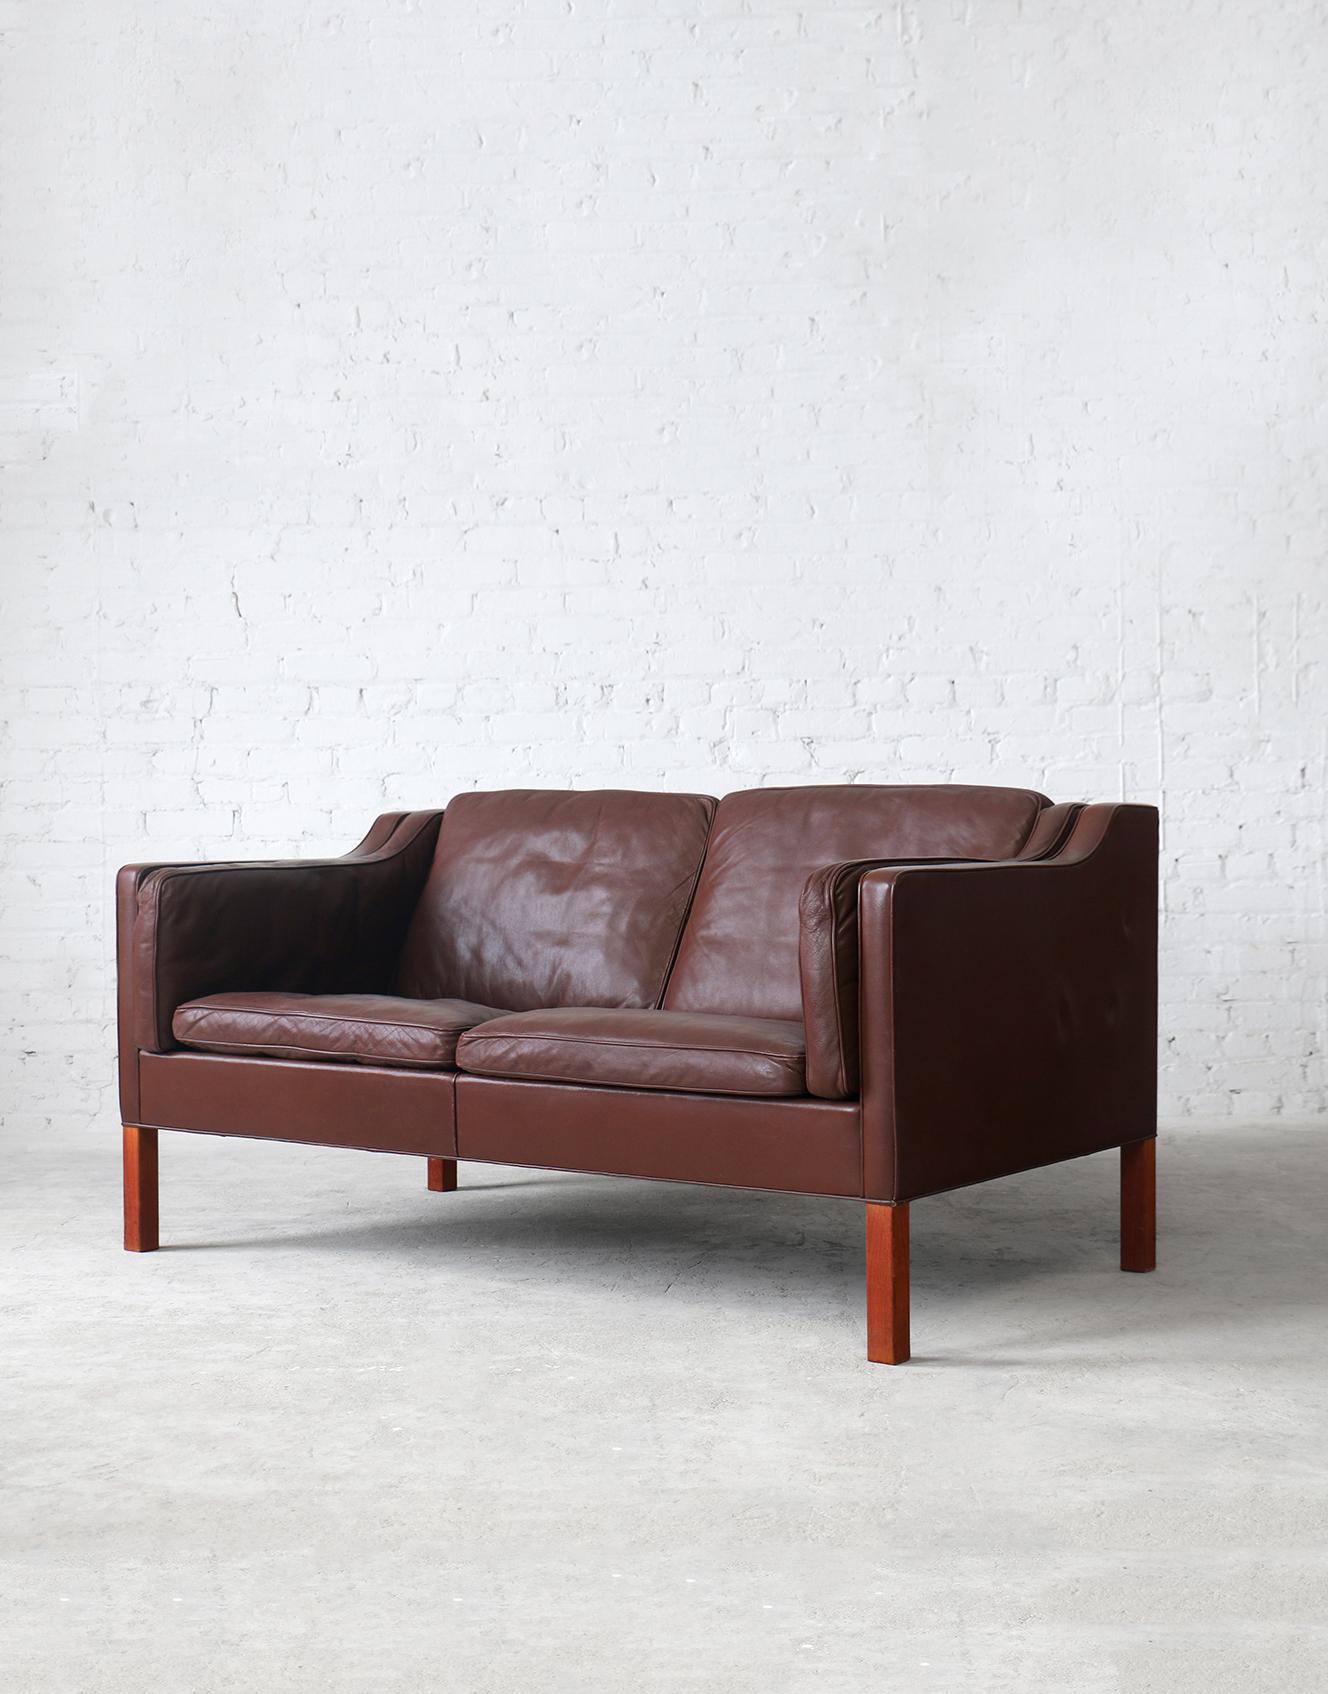 #2212 Fredericia Leather Sofa